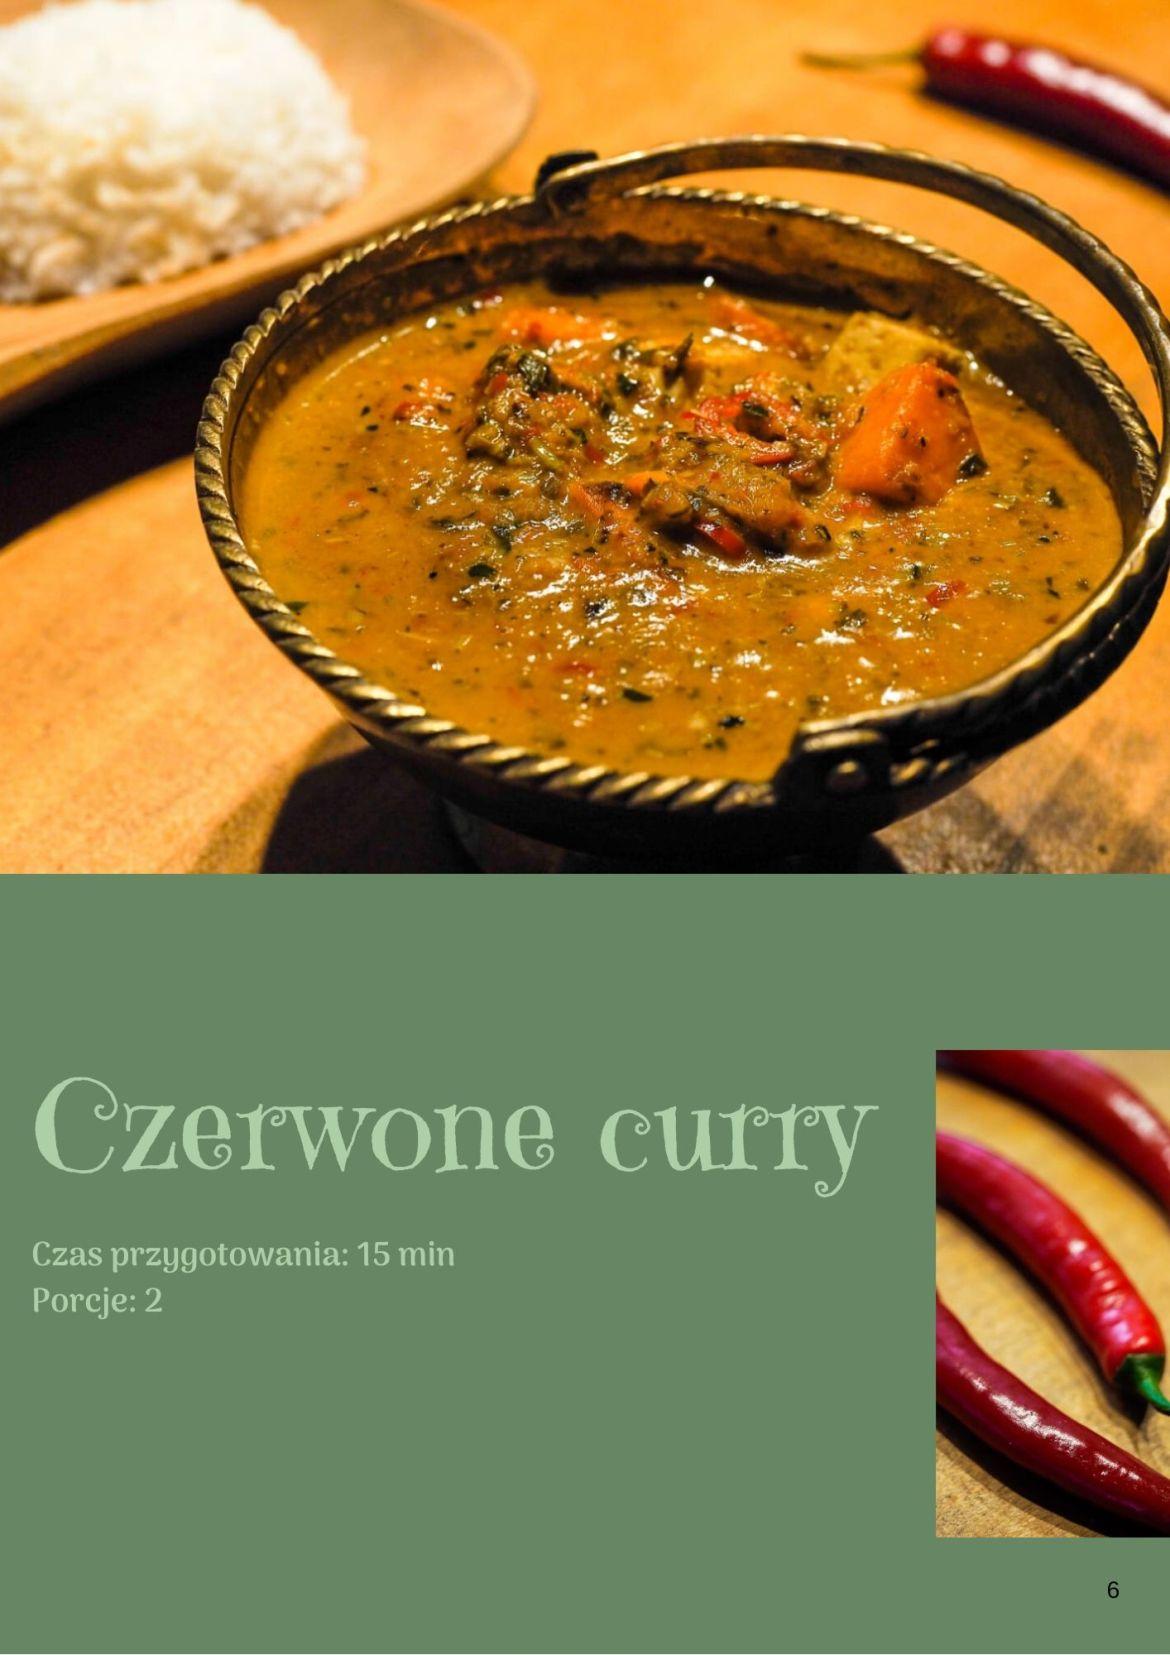 CZERWONE CURRY 1 - Tajska kuchnia w pigułce e-book